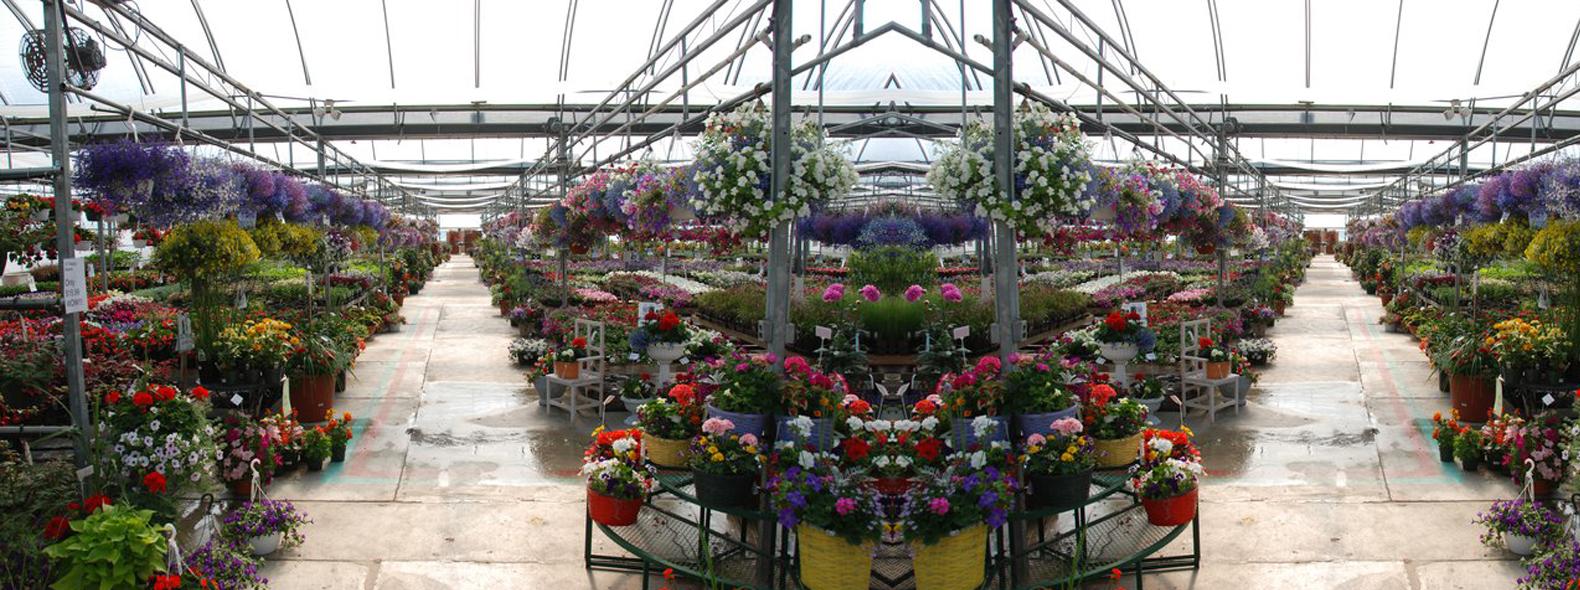 Piechniks Greenhouse & Garden Gate